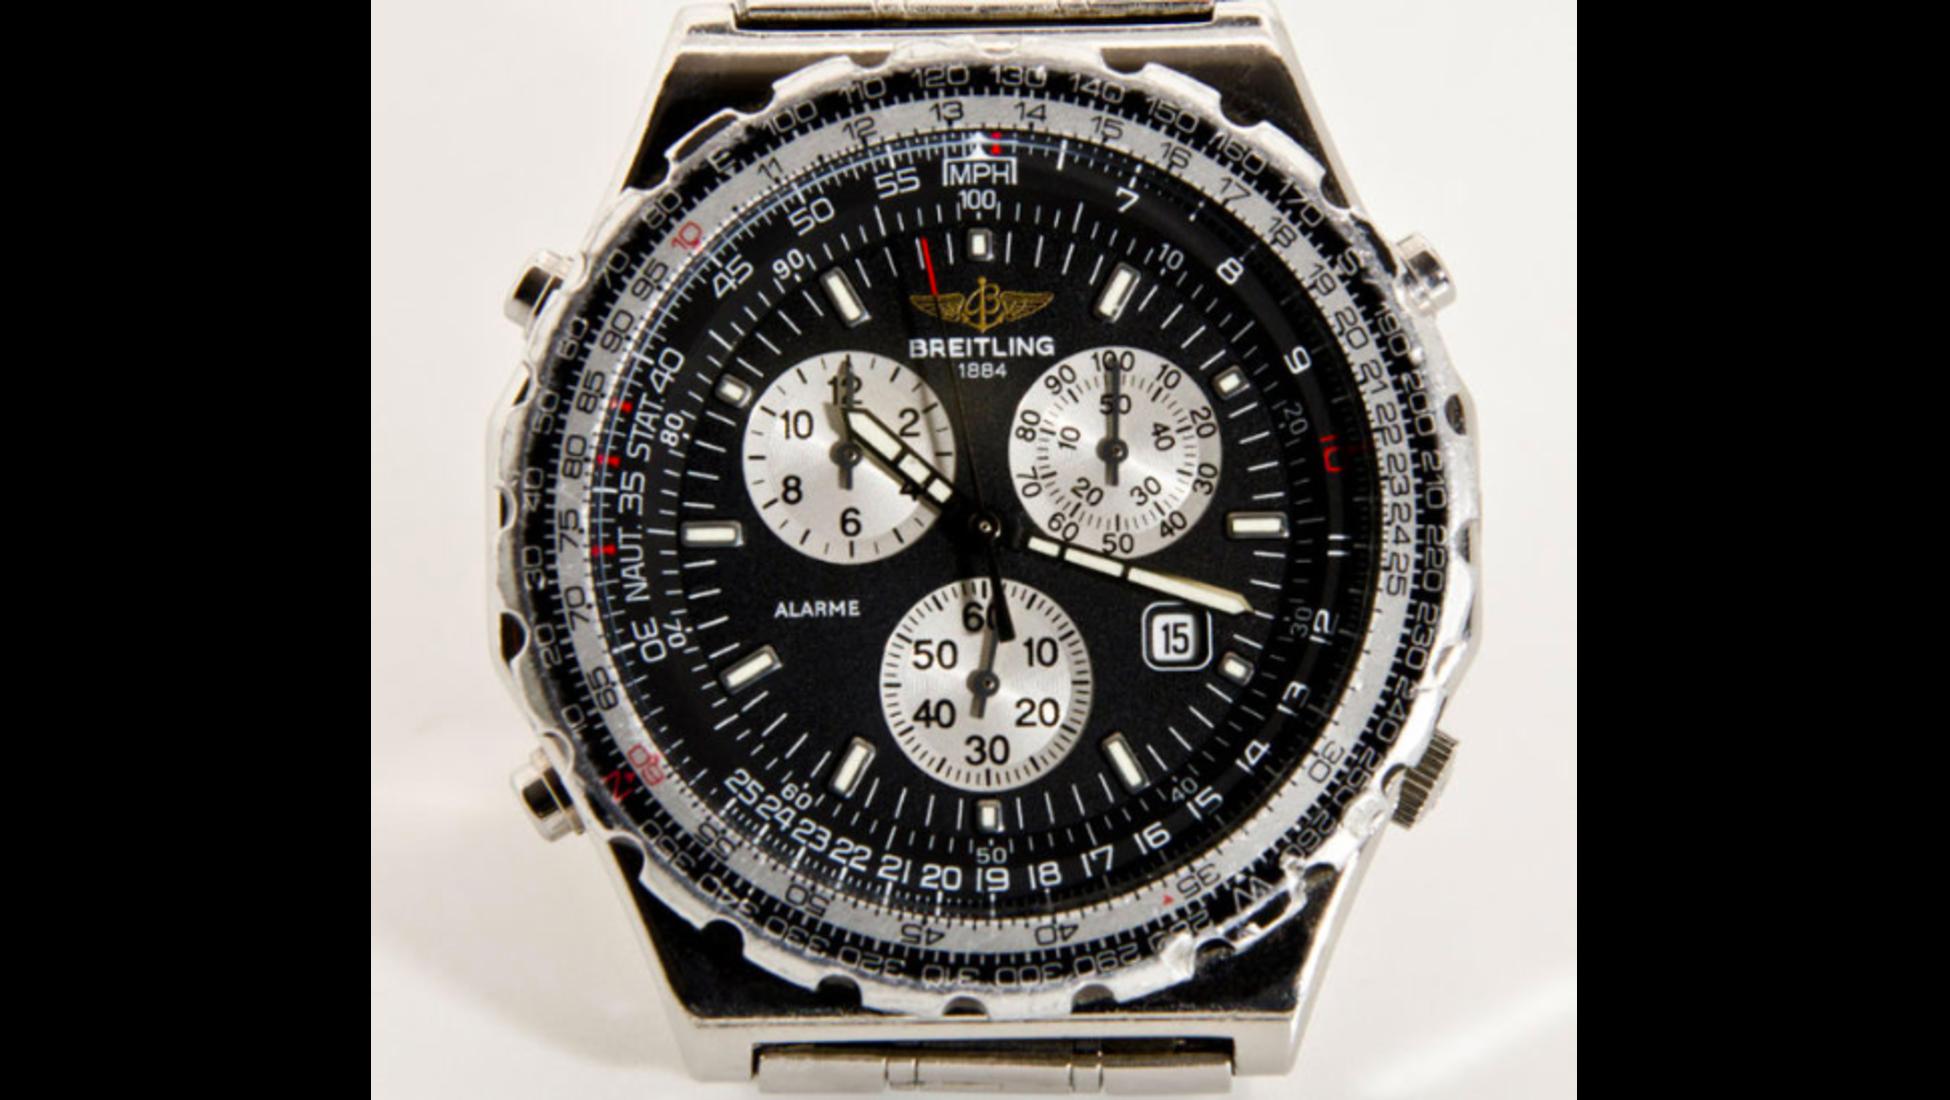 1de9cf9457f1 La evolución del maestro relojero Breitling - Catawiki